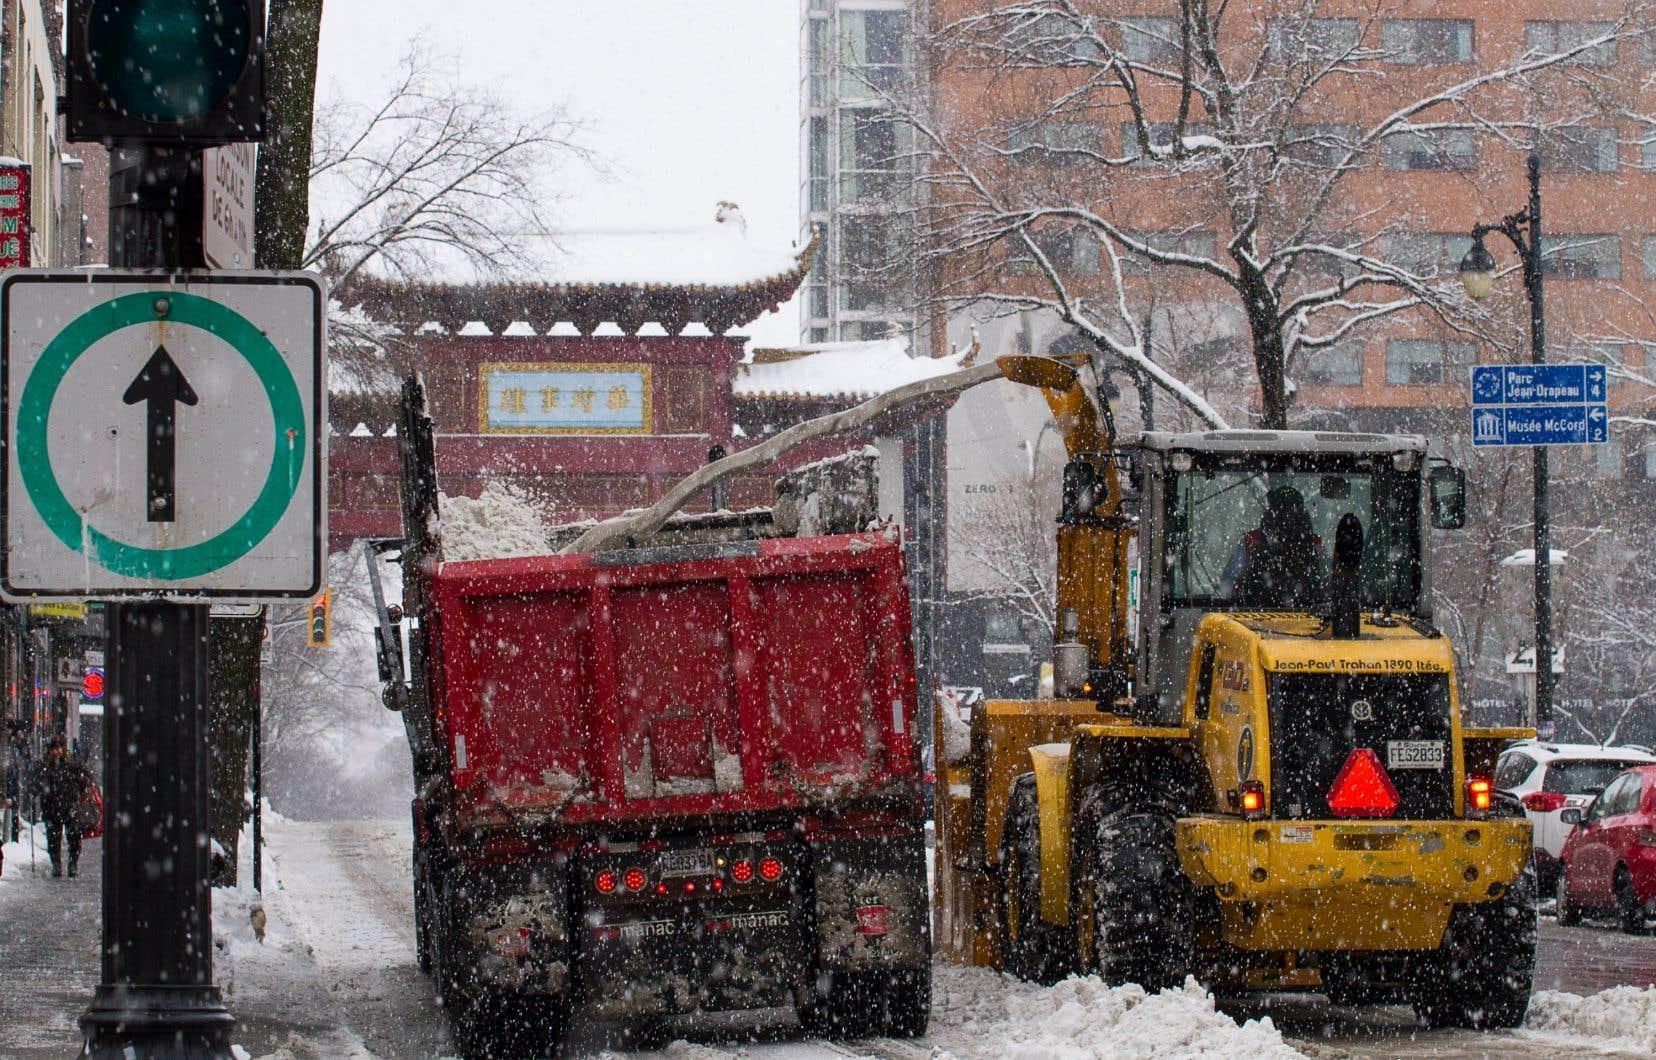 La Ville a obtenu une autorisation exceptionnelle du gouvernement du Québec pour ouvrir deux sites de dépôt à neige additionnels.